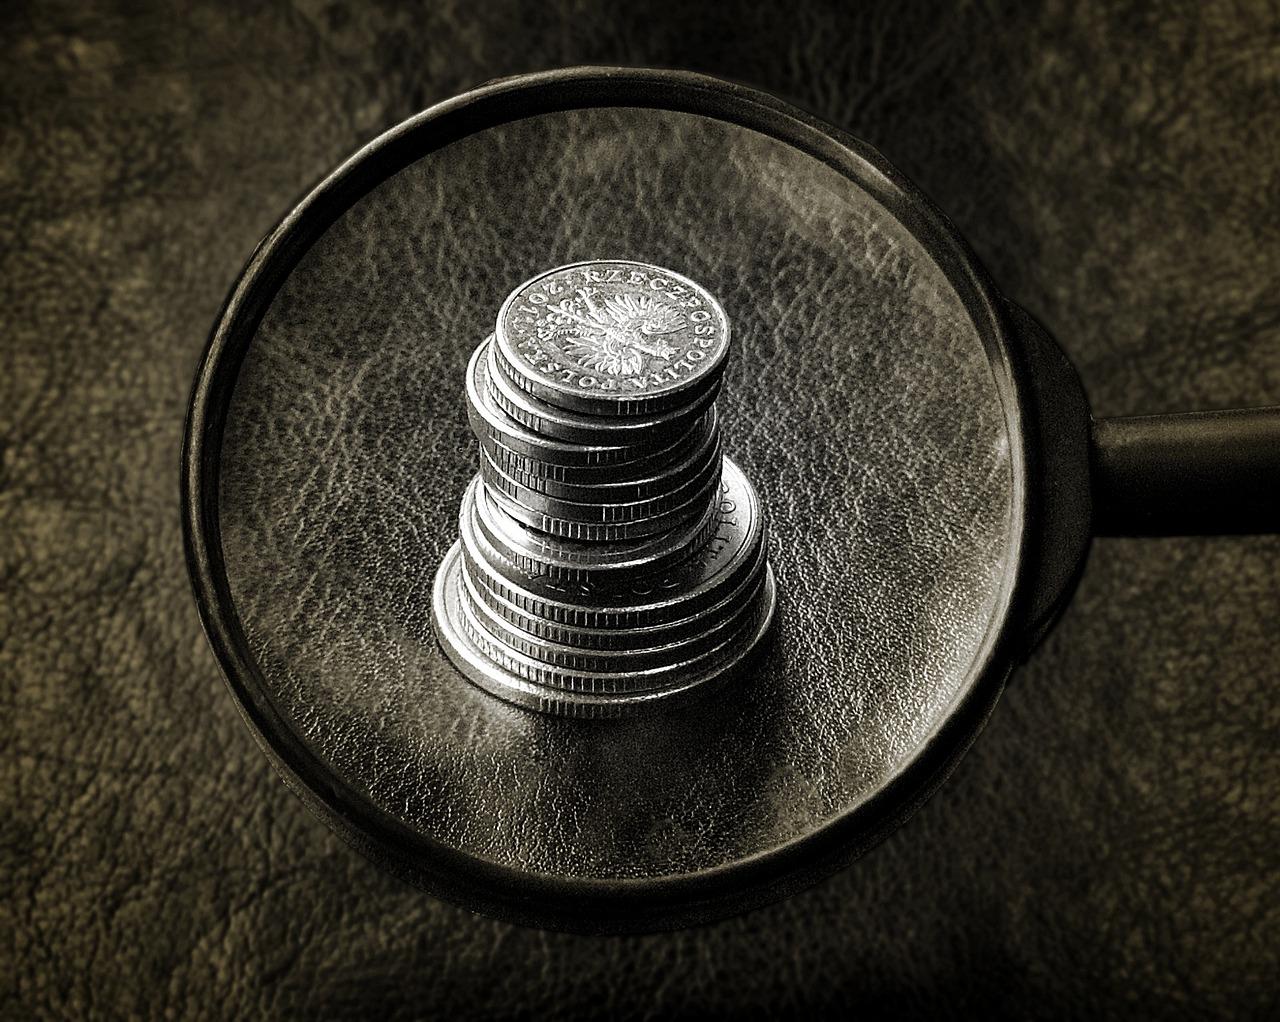 Jak bezpiecznie pożyczać pieniądze, by nie wpaść w spiralę zadłużenia?